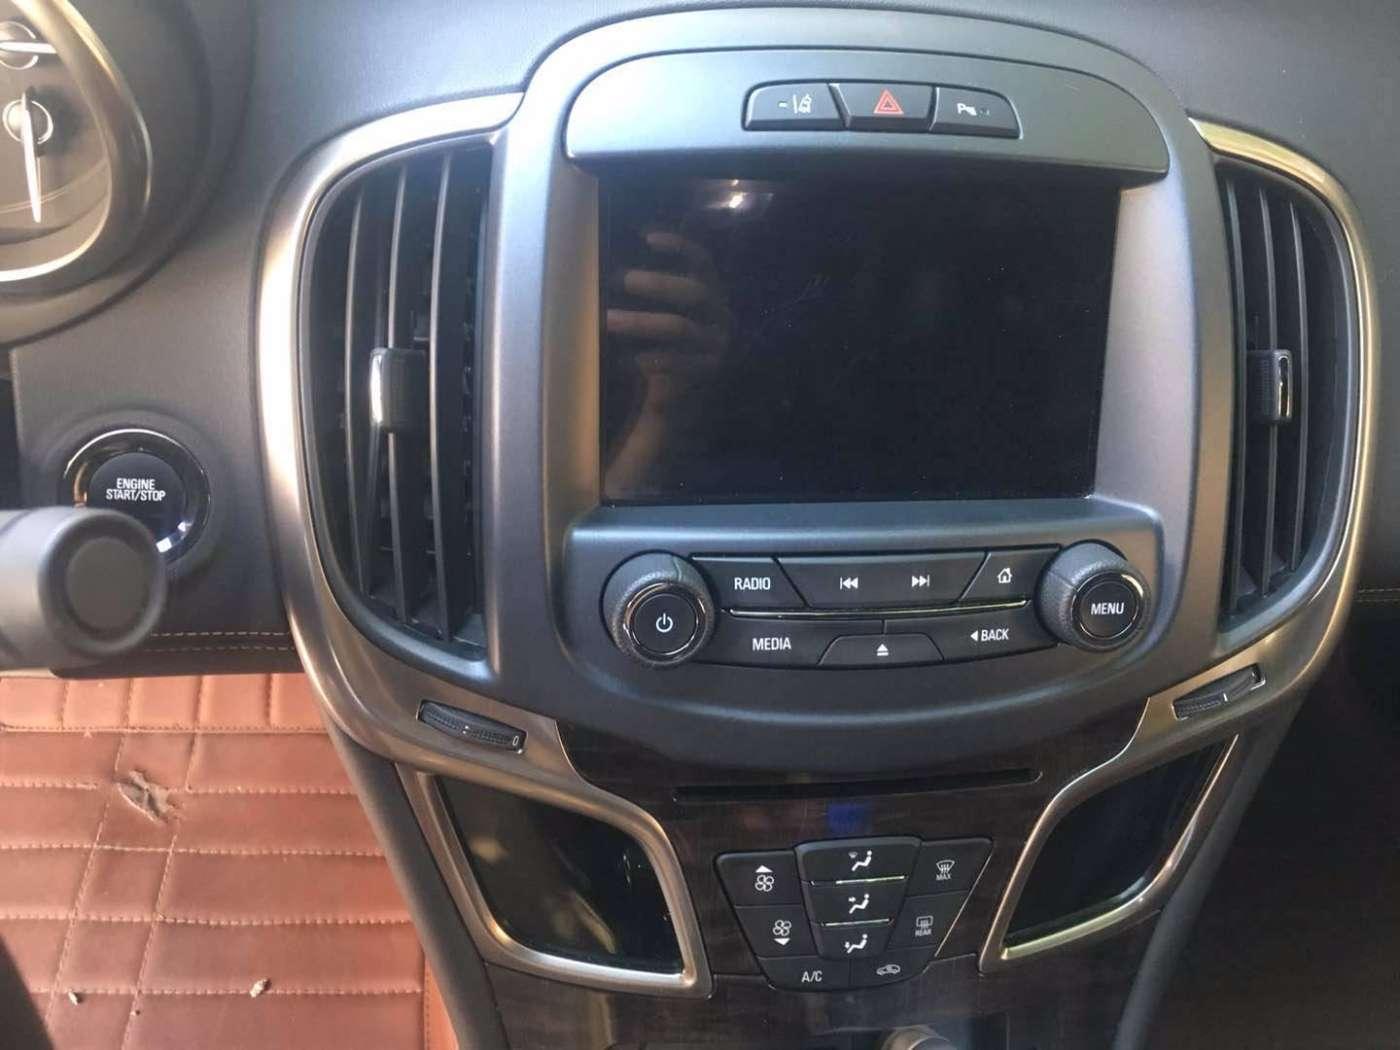 2015年05月 别克 2014款 君越 2.0T SIDI 智享旗舰型|甄选易手车-北京卡斯基汽车服务有限公司